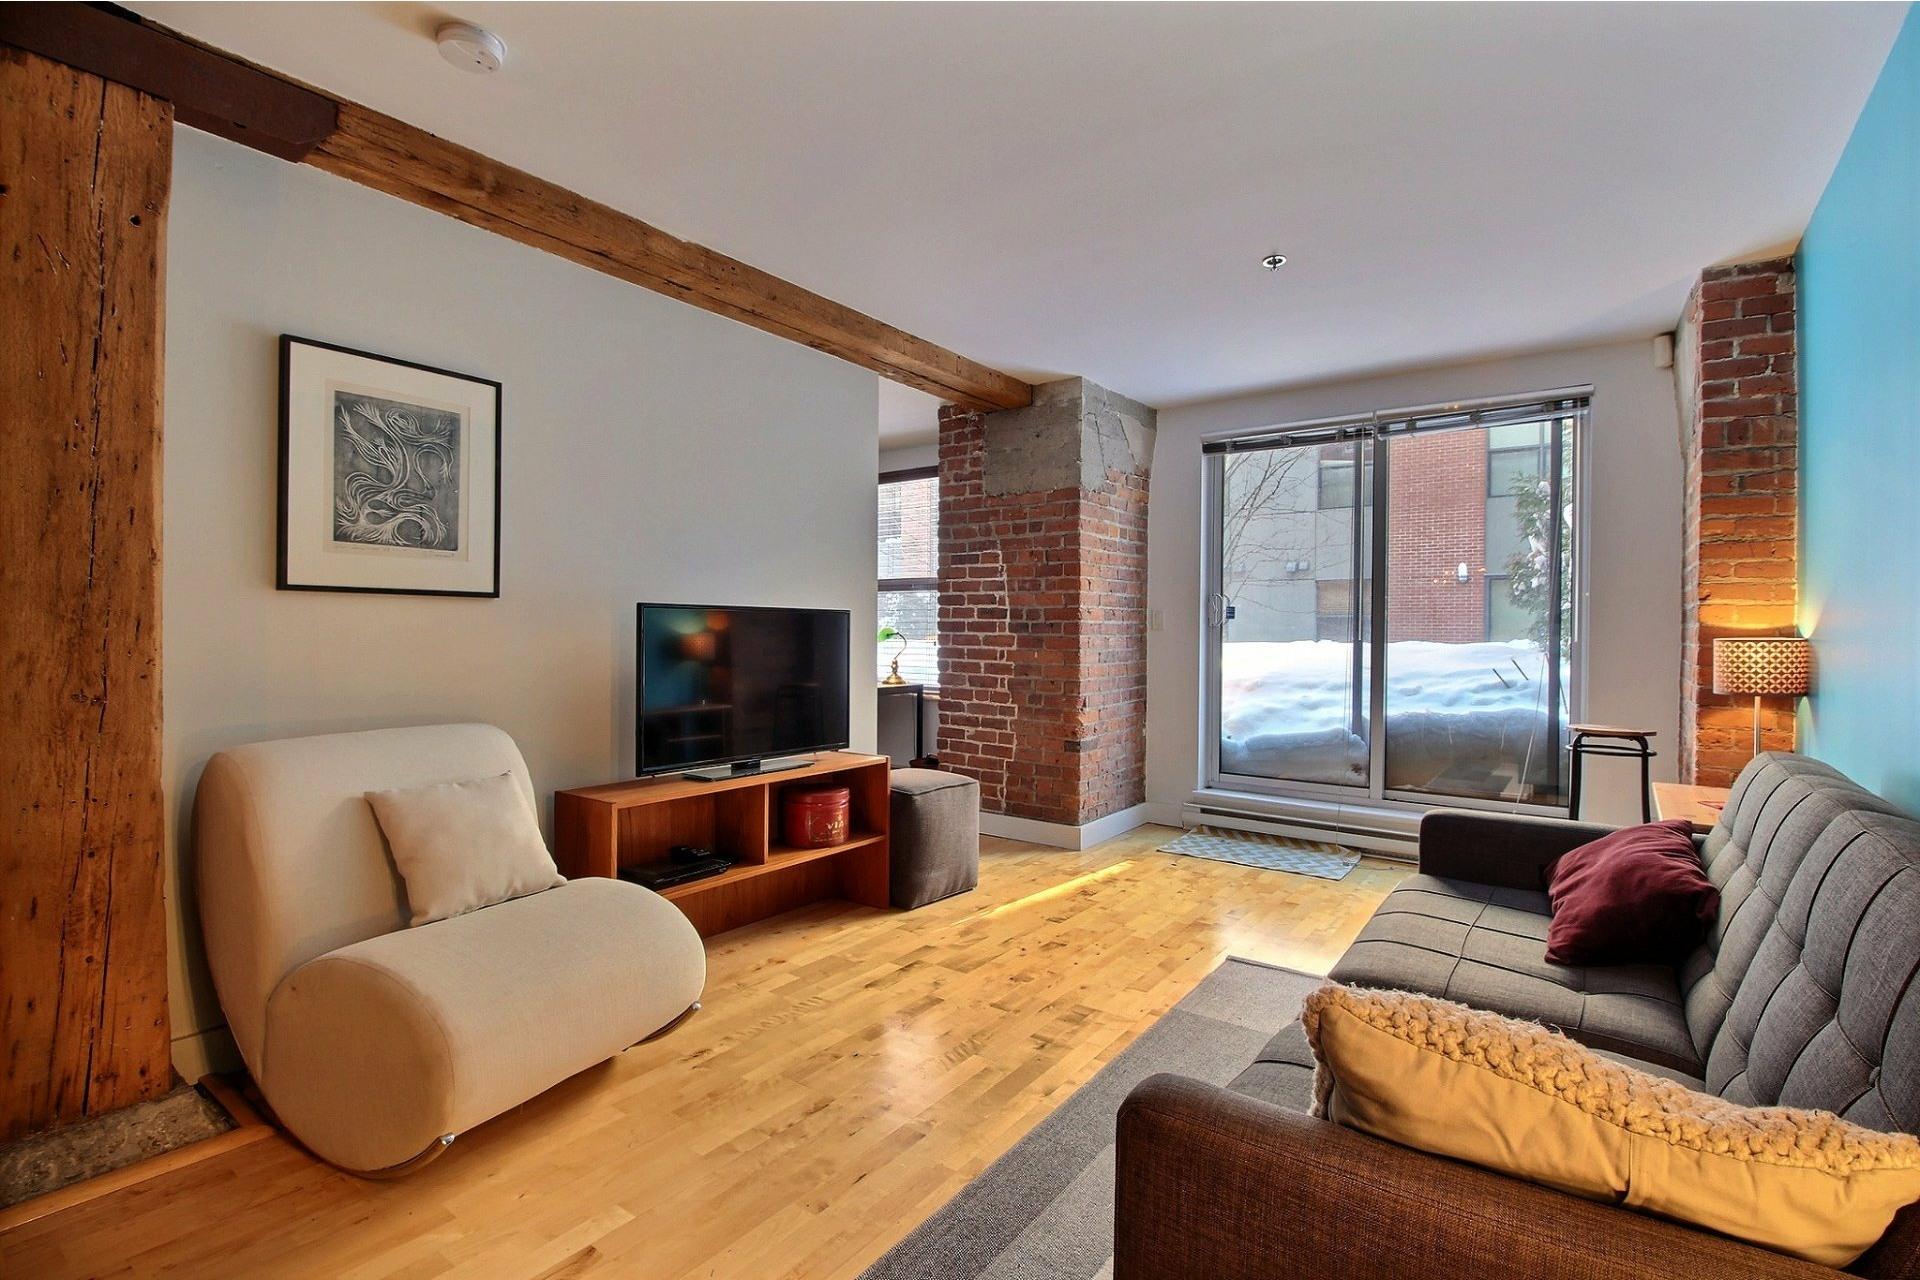 image 2 - Appartement À louer Mercier/Hochelaga-Maisonneuve Montréal  - 5 pièces